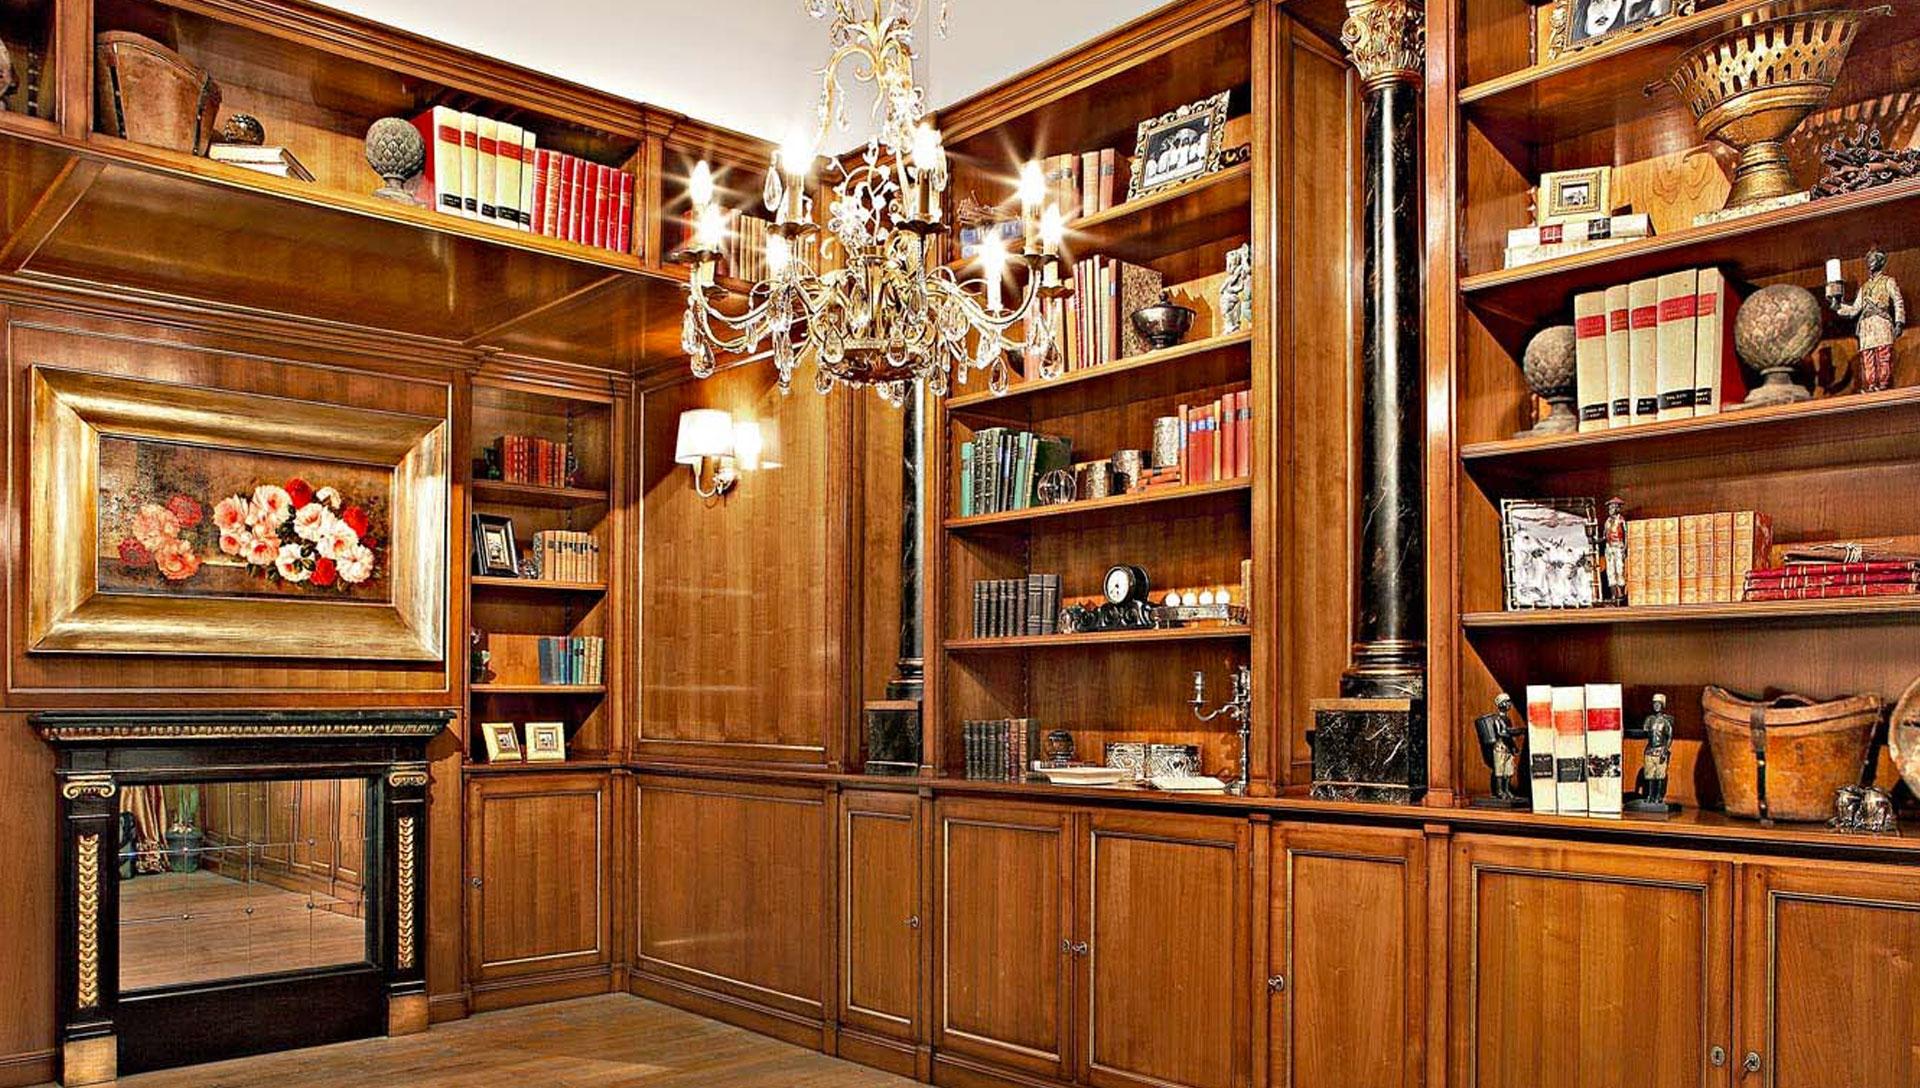 zona-giorno-casa-nobile-comodus-arredamenti-nicoletti-interni-interior-design-divani-complementi-arredo-mobili-design-accessori-matera